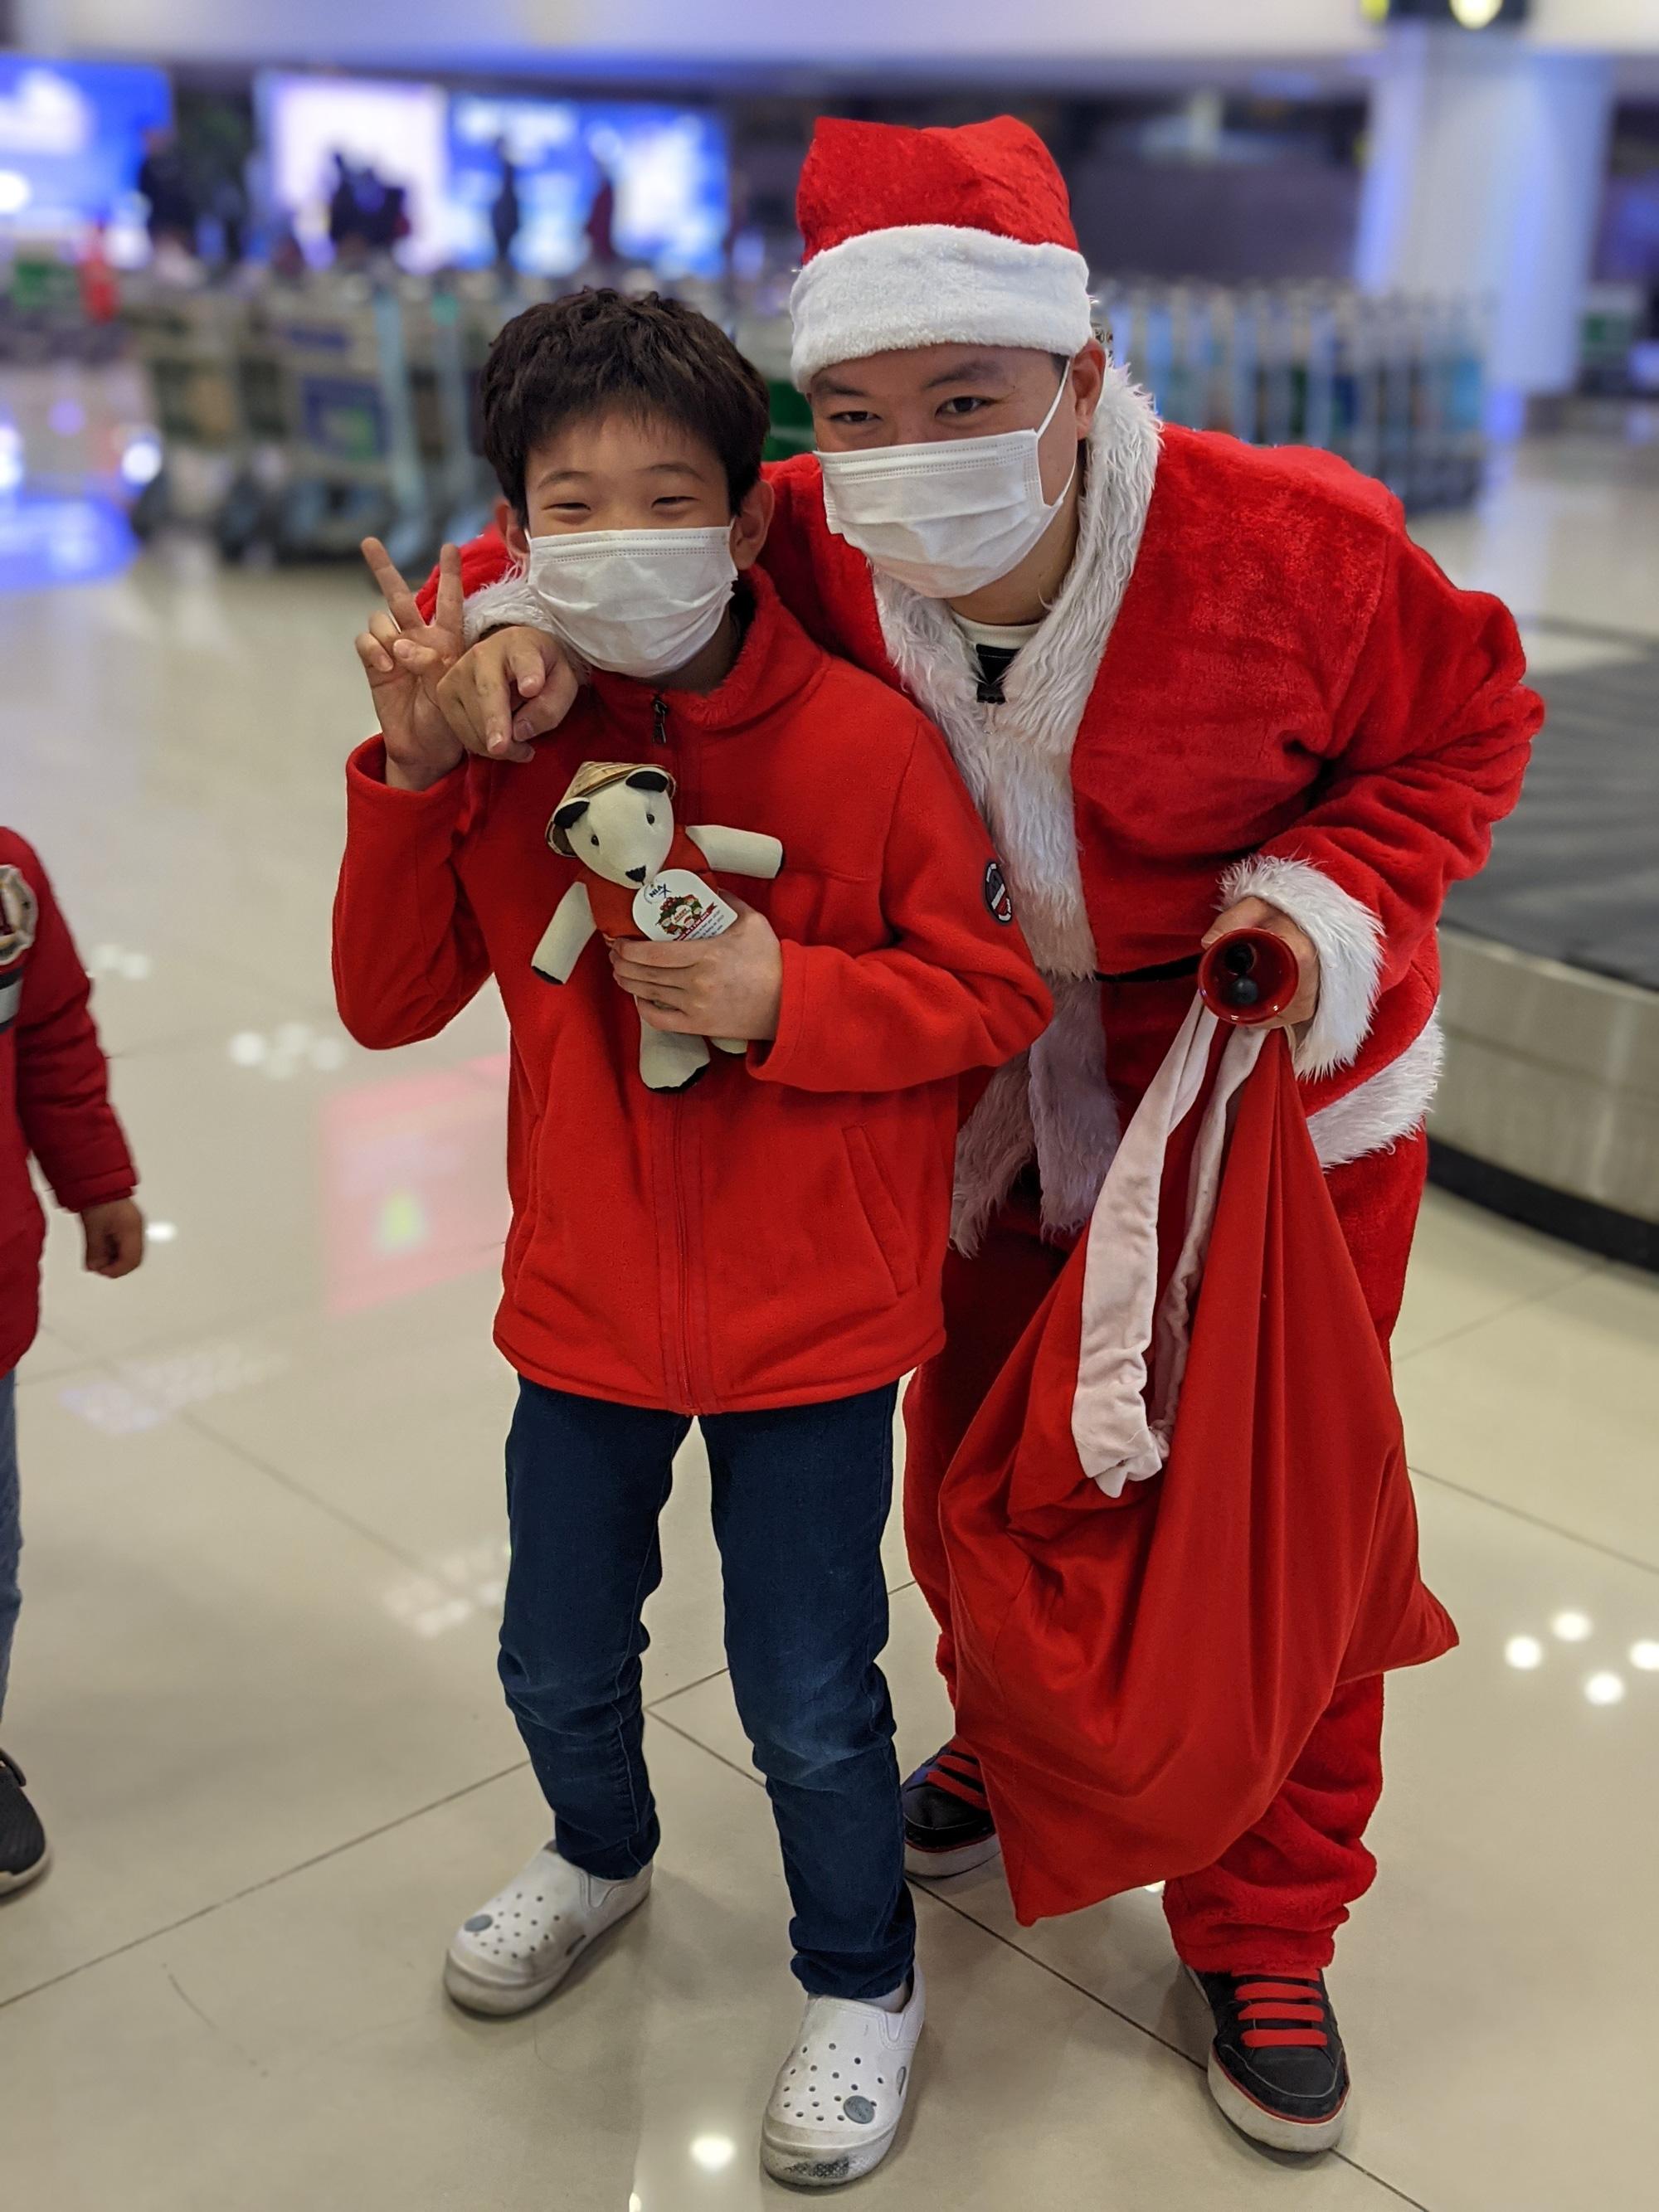 NIA Tặng quà giáng sinh cho khách nhí đi tàu bay  - Ảnh 2.